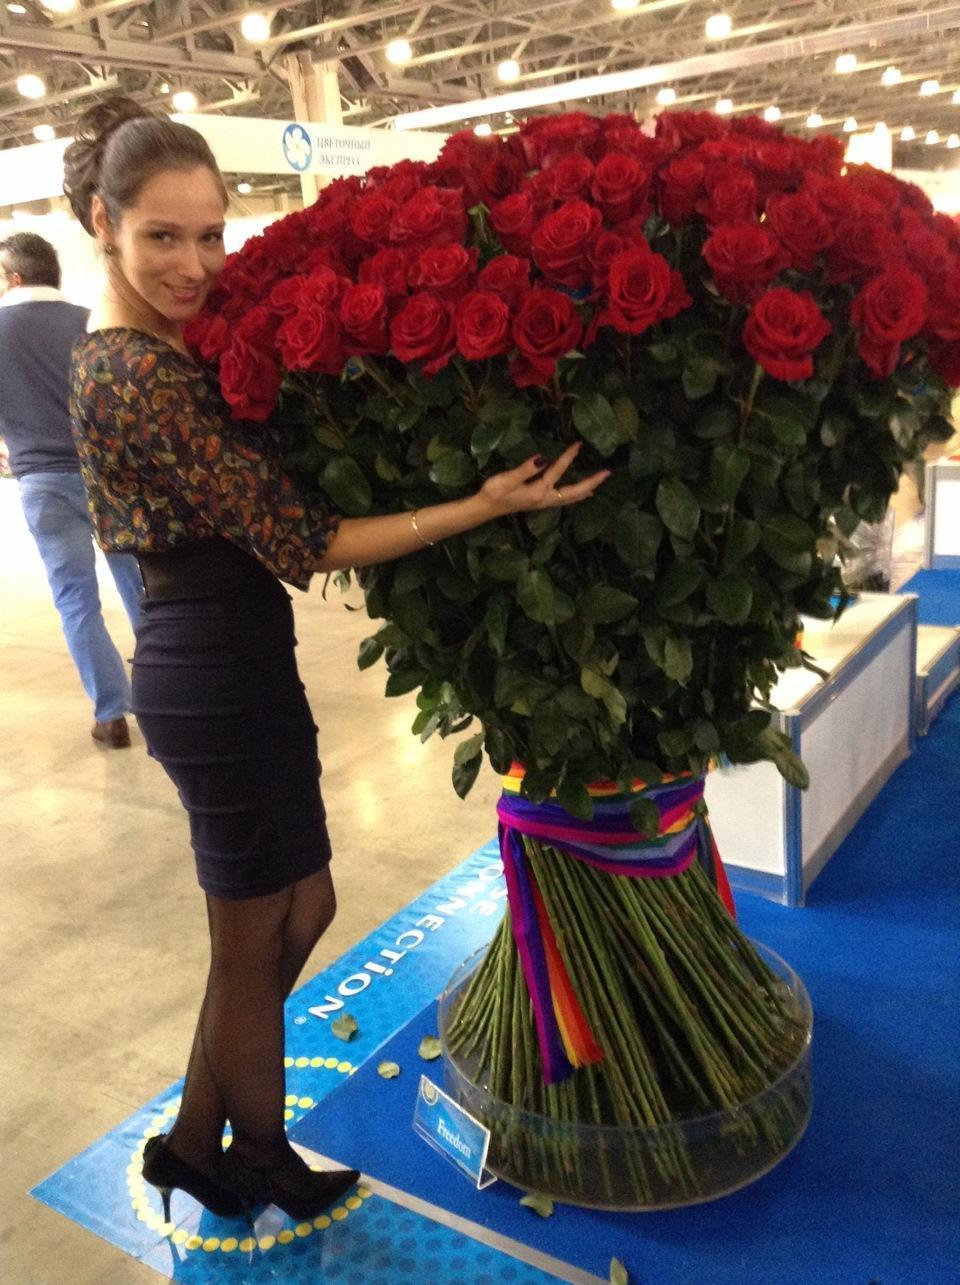 еще картинка сто рублей и одна роза тут